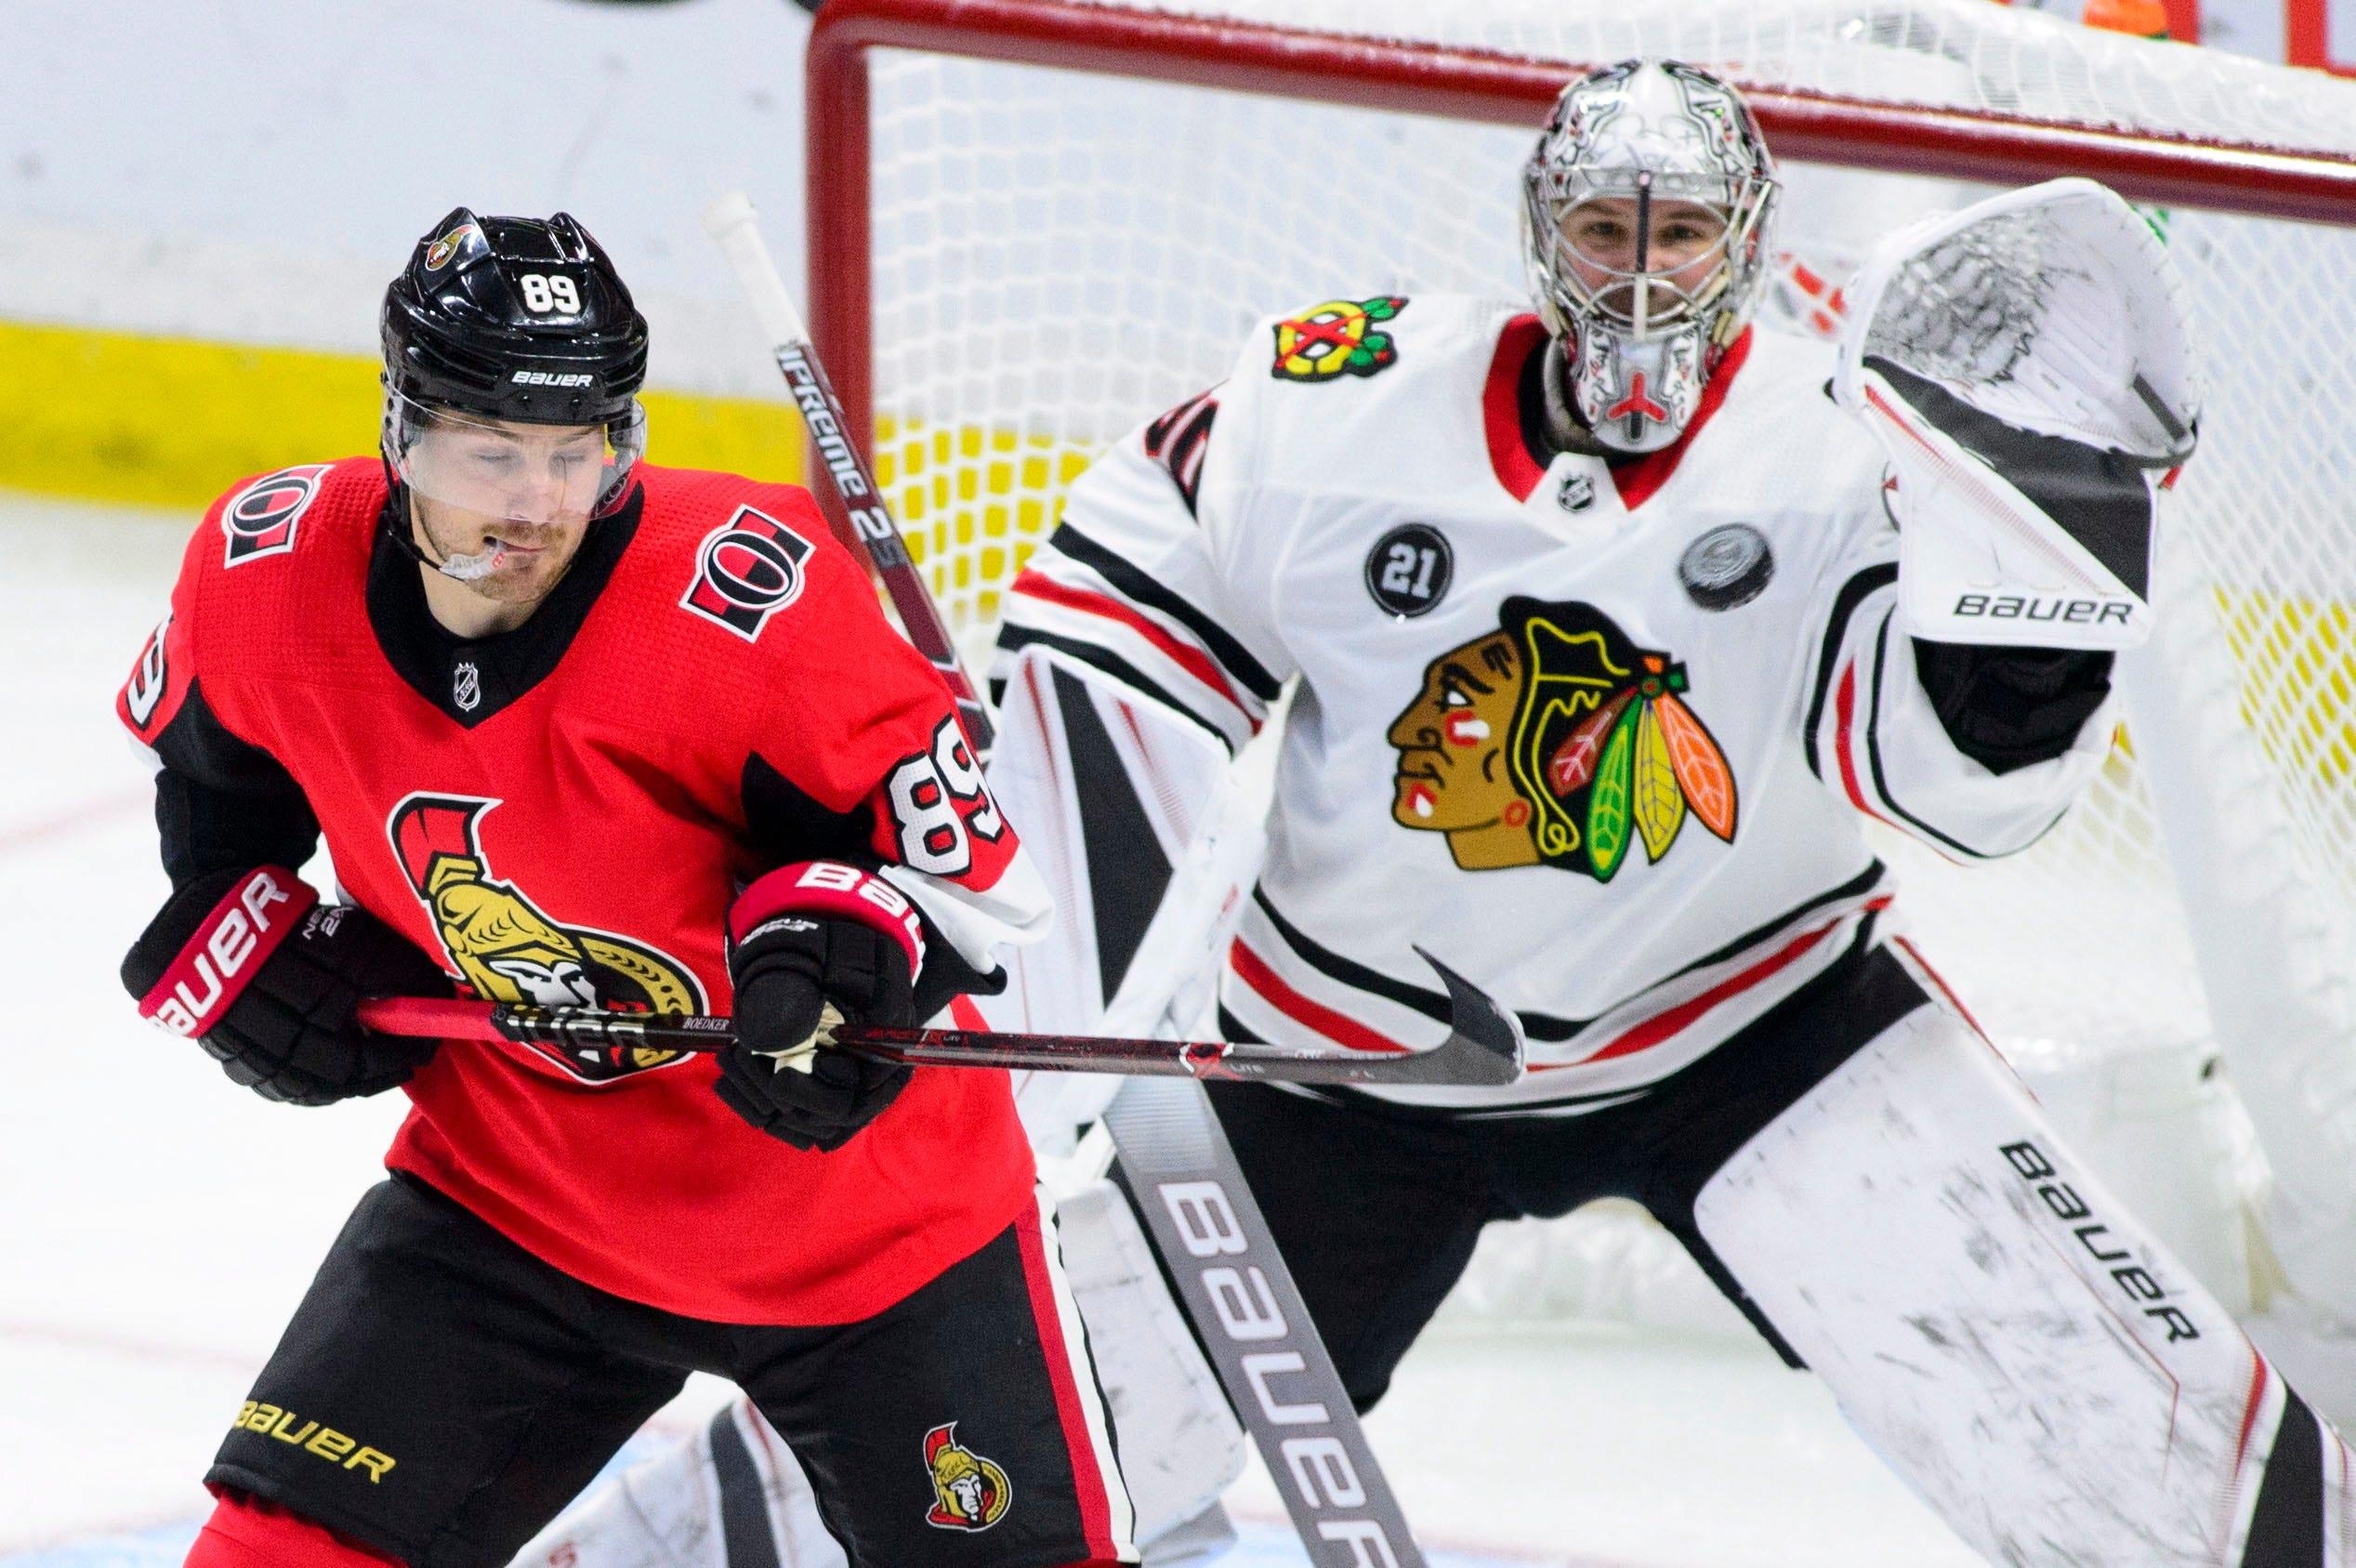 Kane scores in overtime, Blackhawks beat Senators 4-3